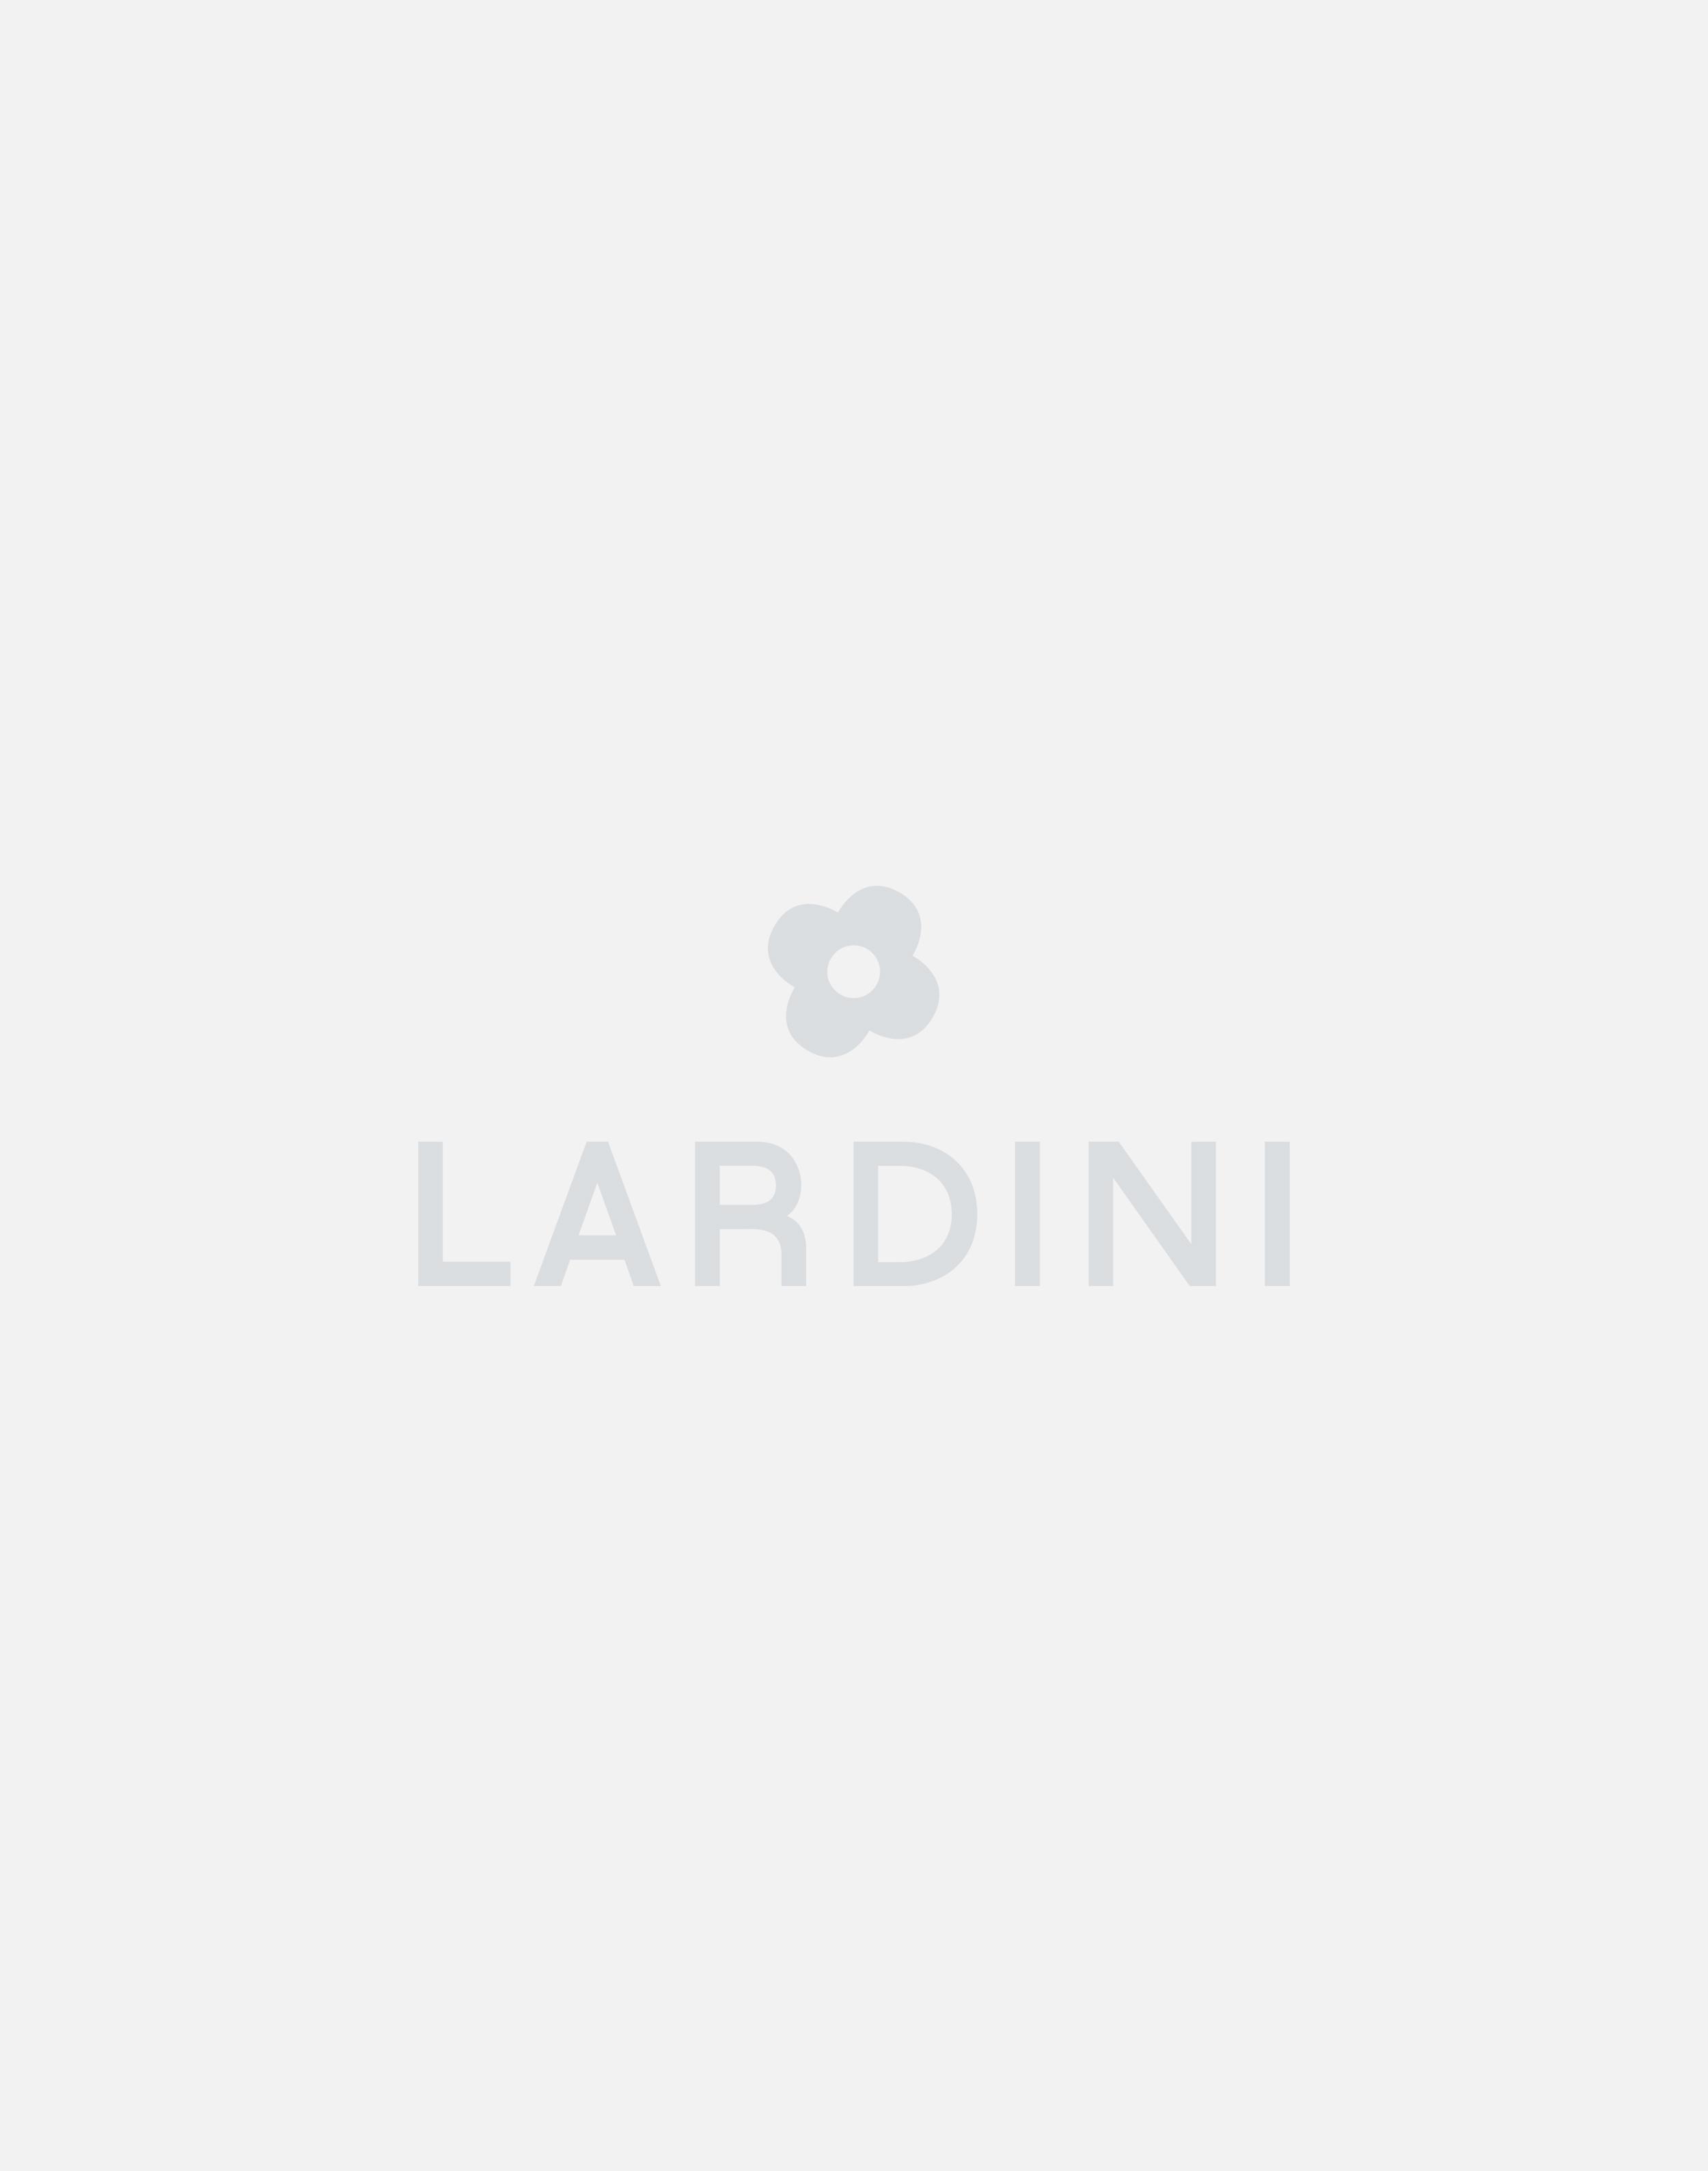 Beige scarf - Luigi Lardini capsule